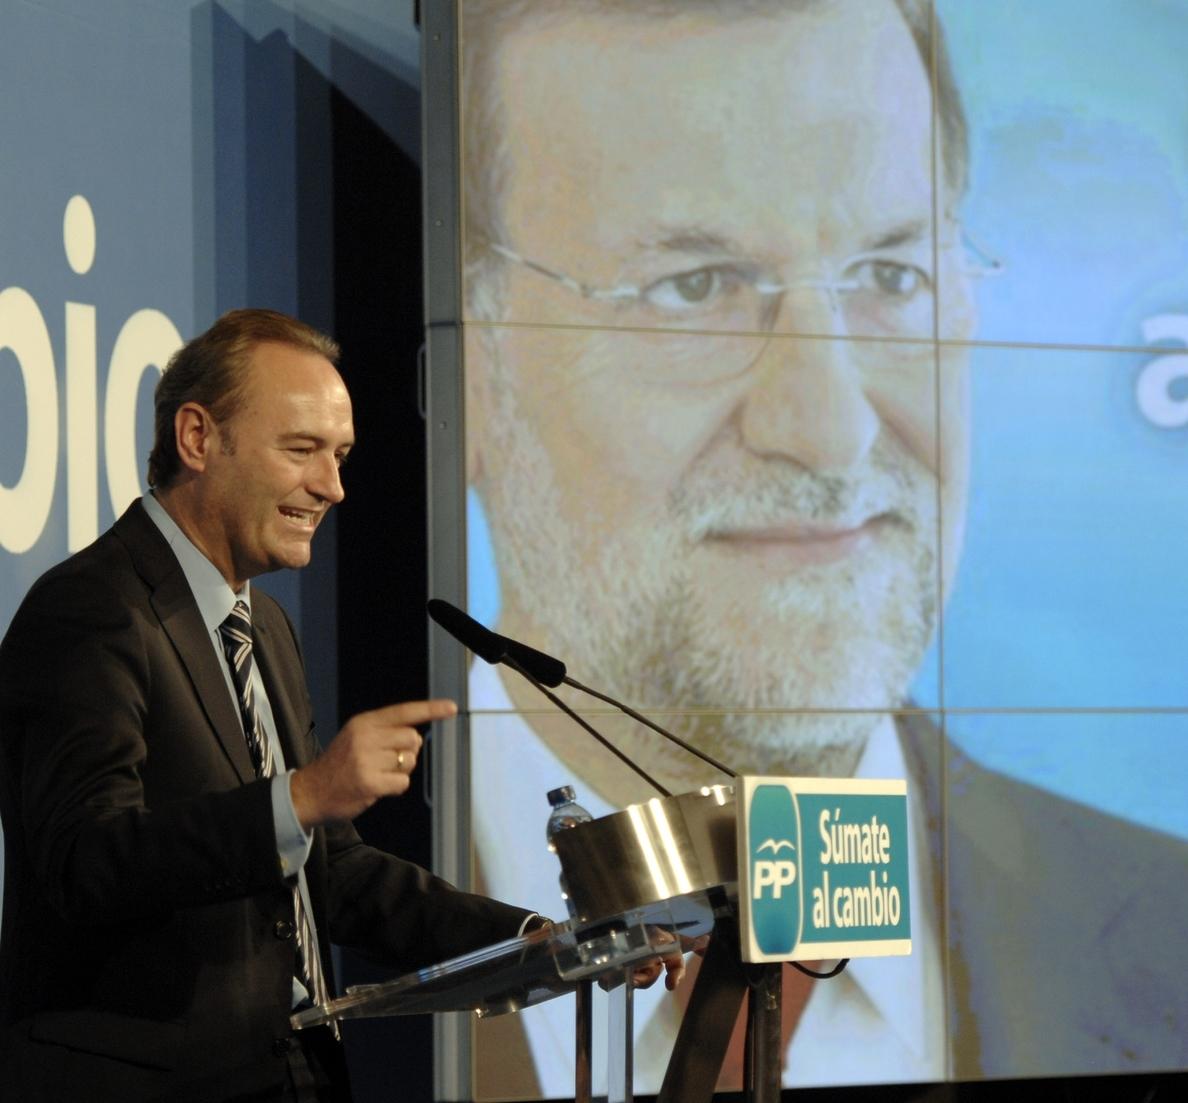 Fabra destaca el compromiso de Rajoy y Montoro para revisar la financiación y «dar a todos las mismas oportunidades»